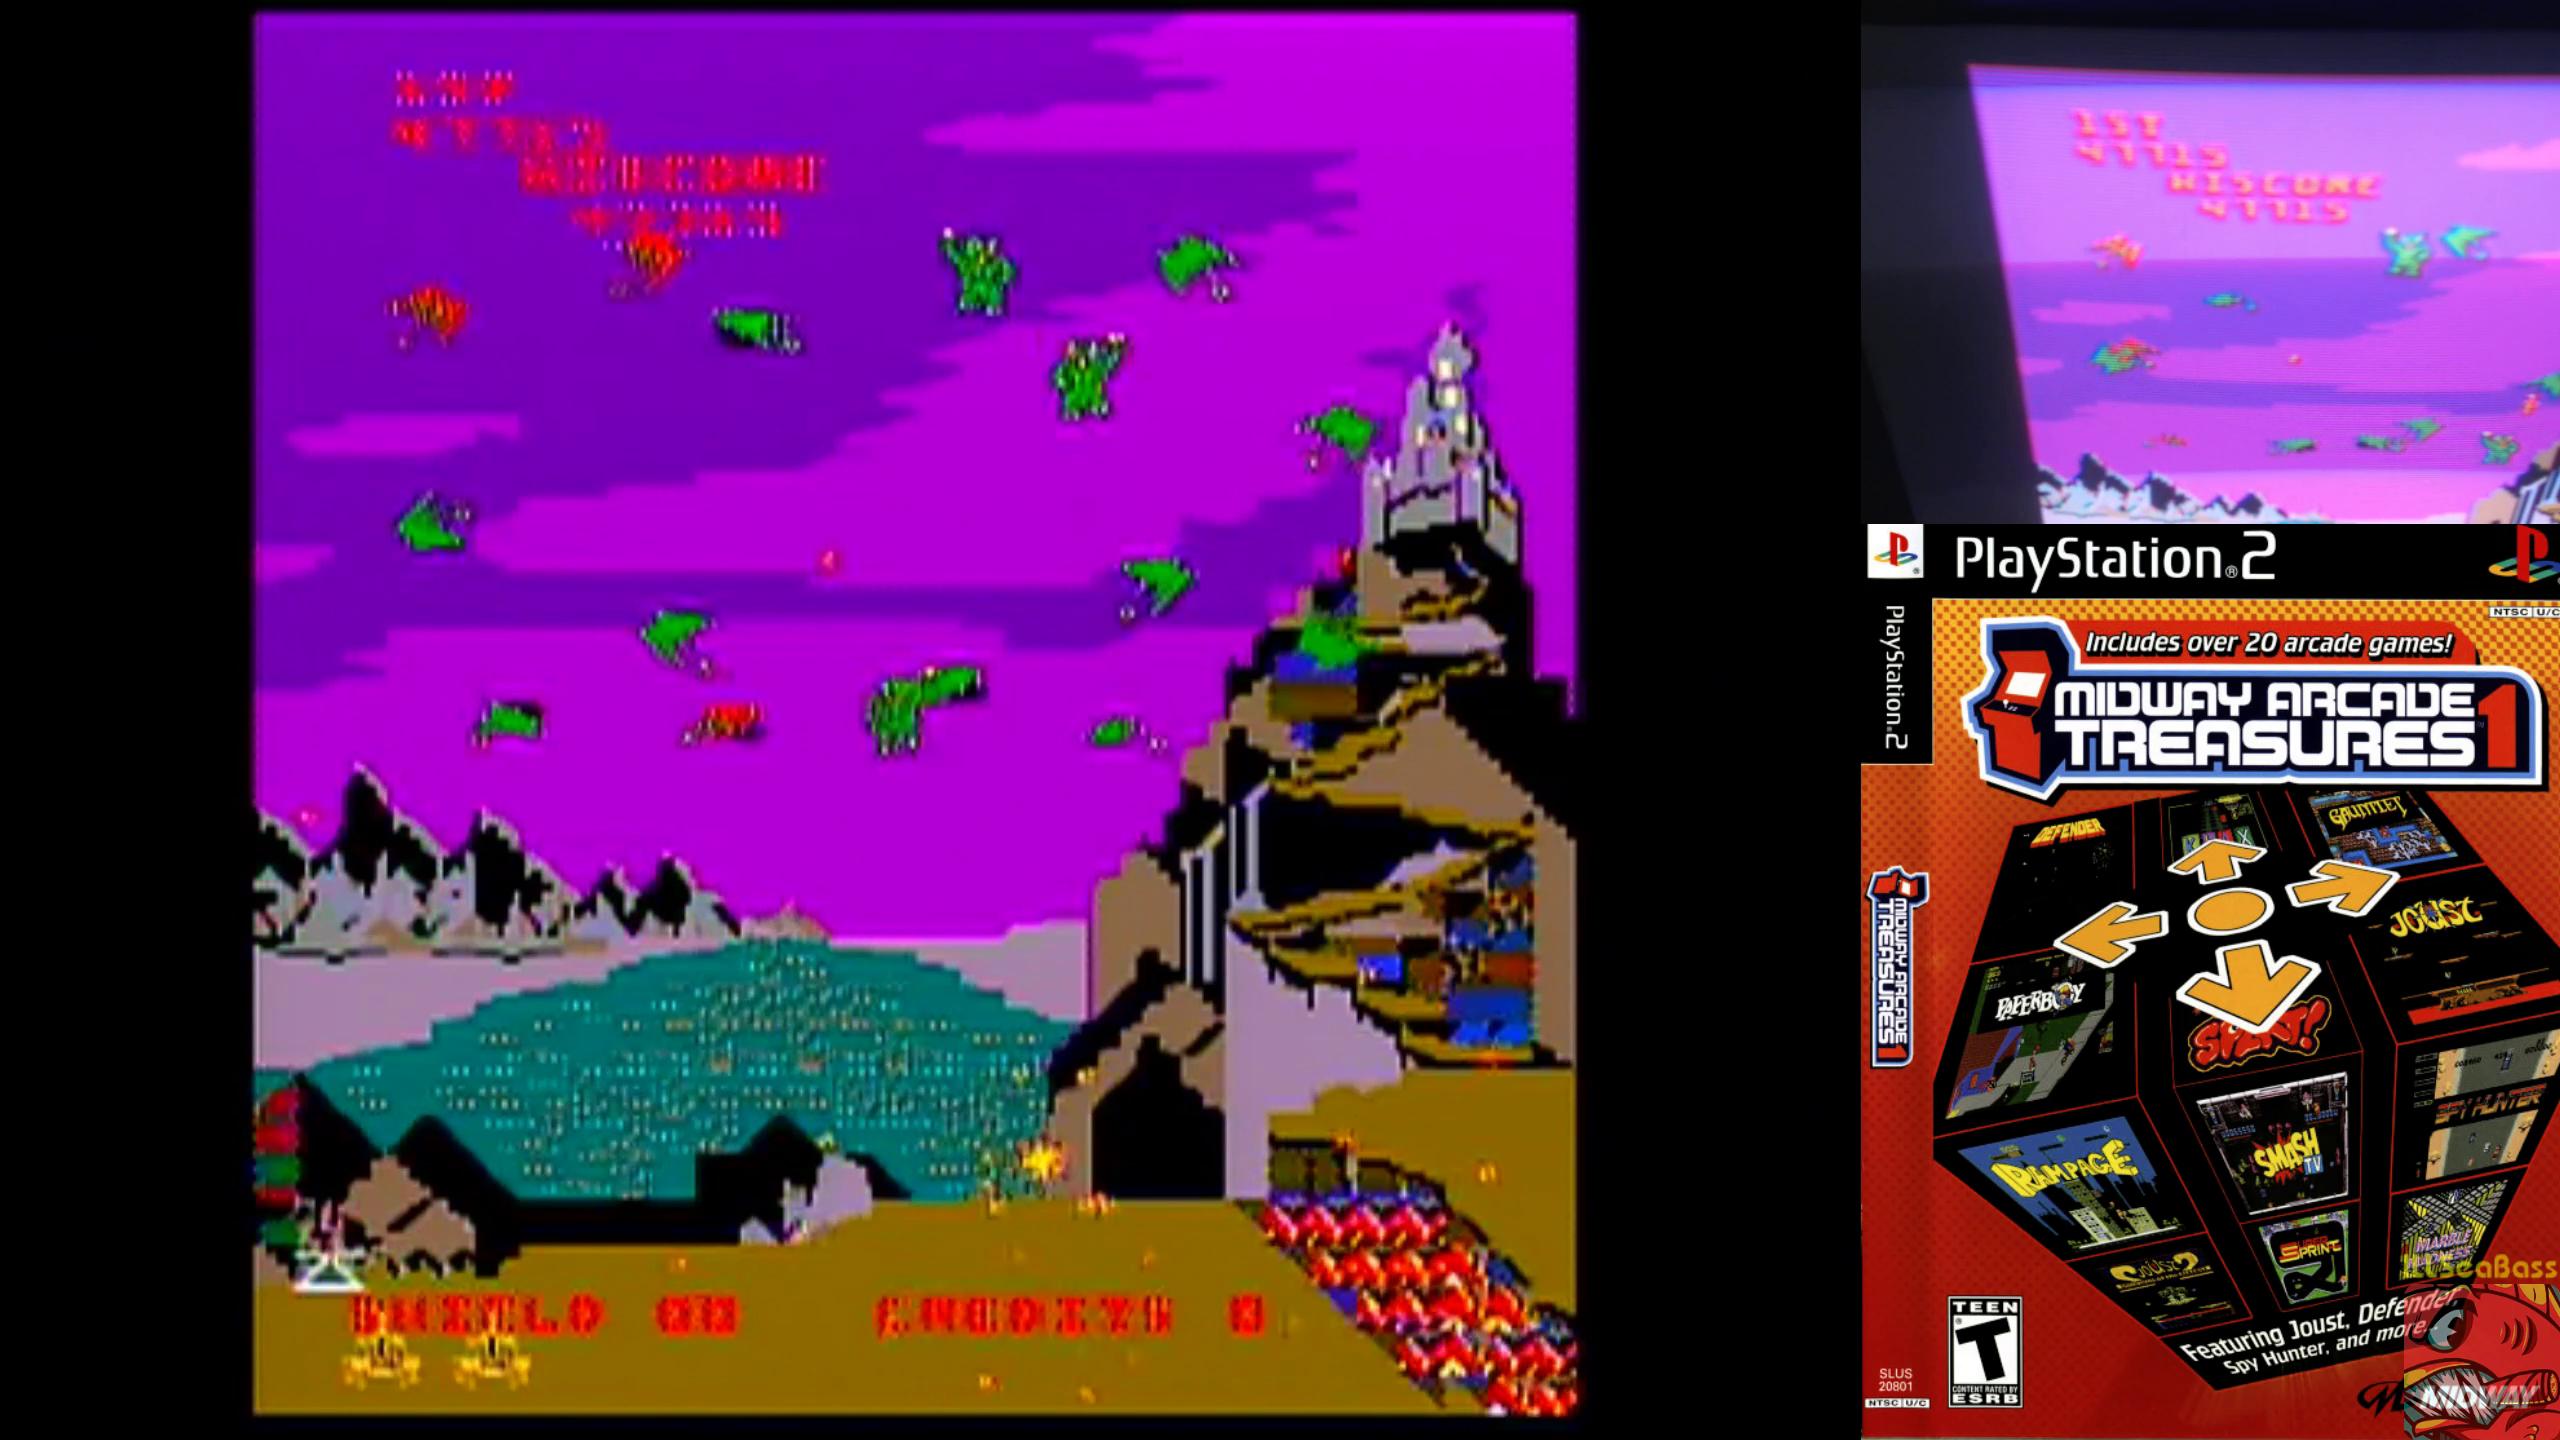 ILLSeaBass: Midway Arcade Treasures: Satan